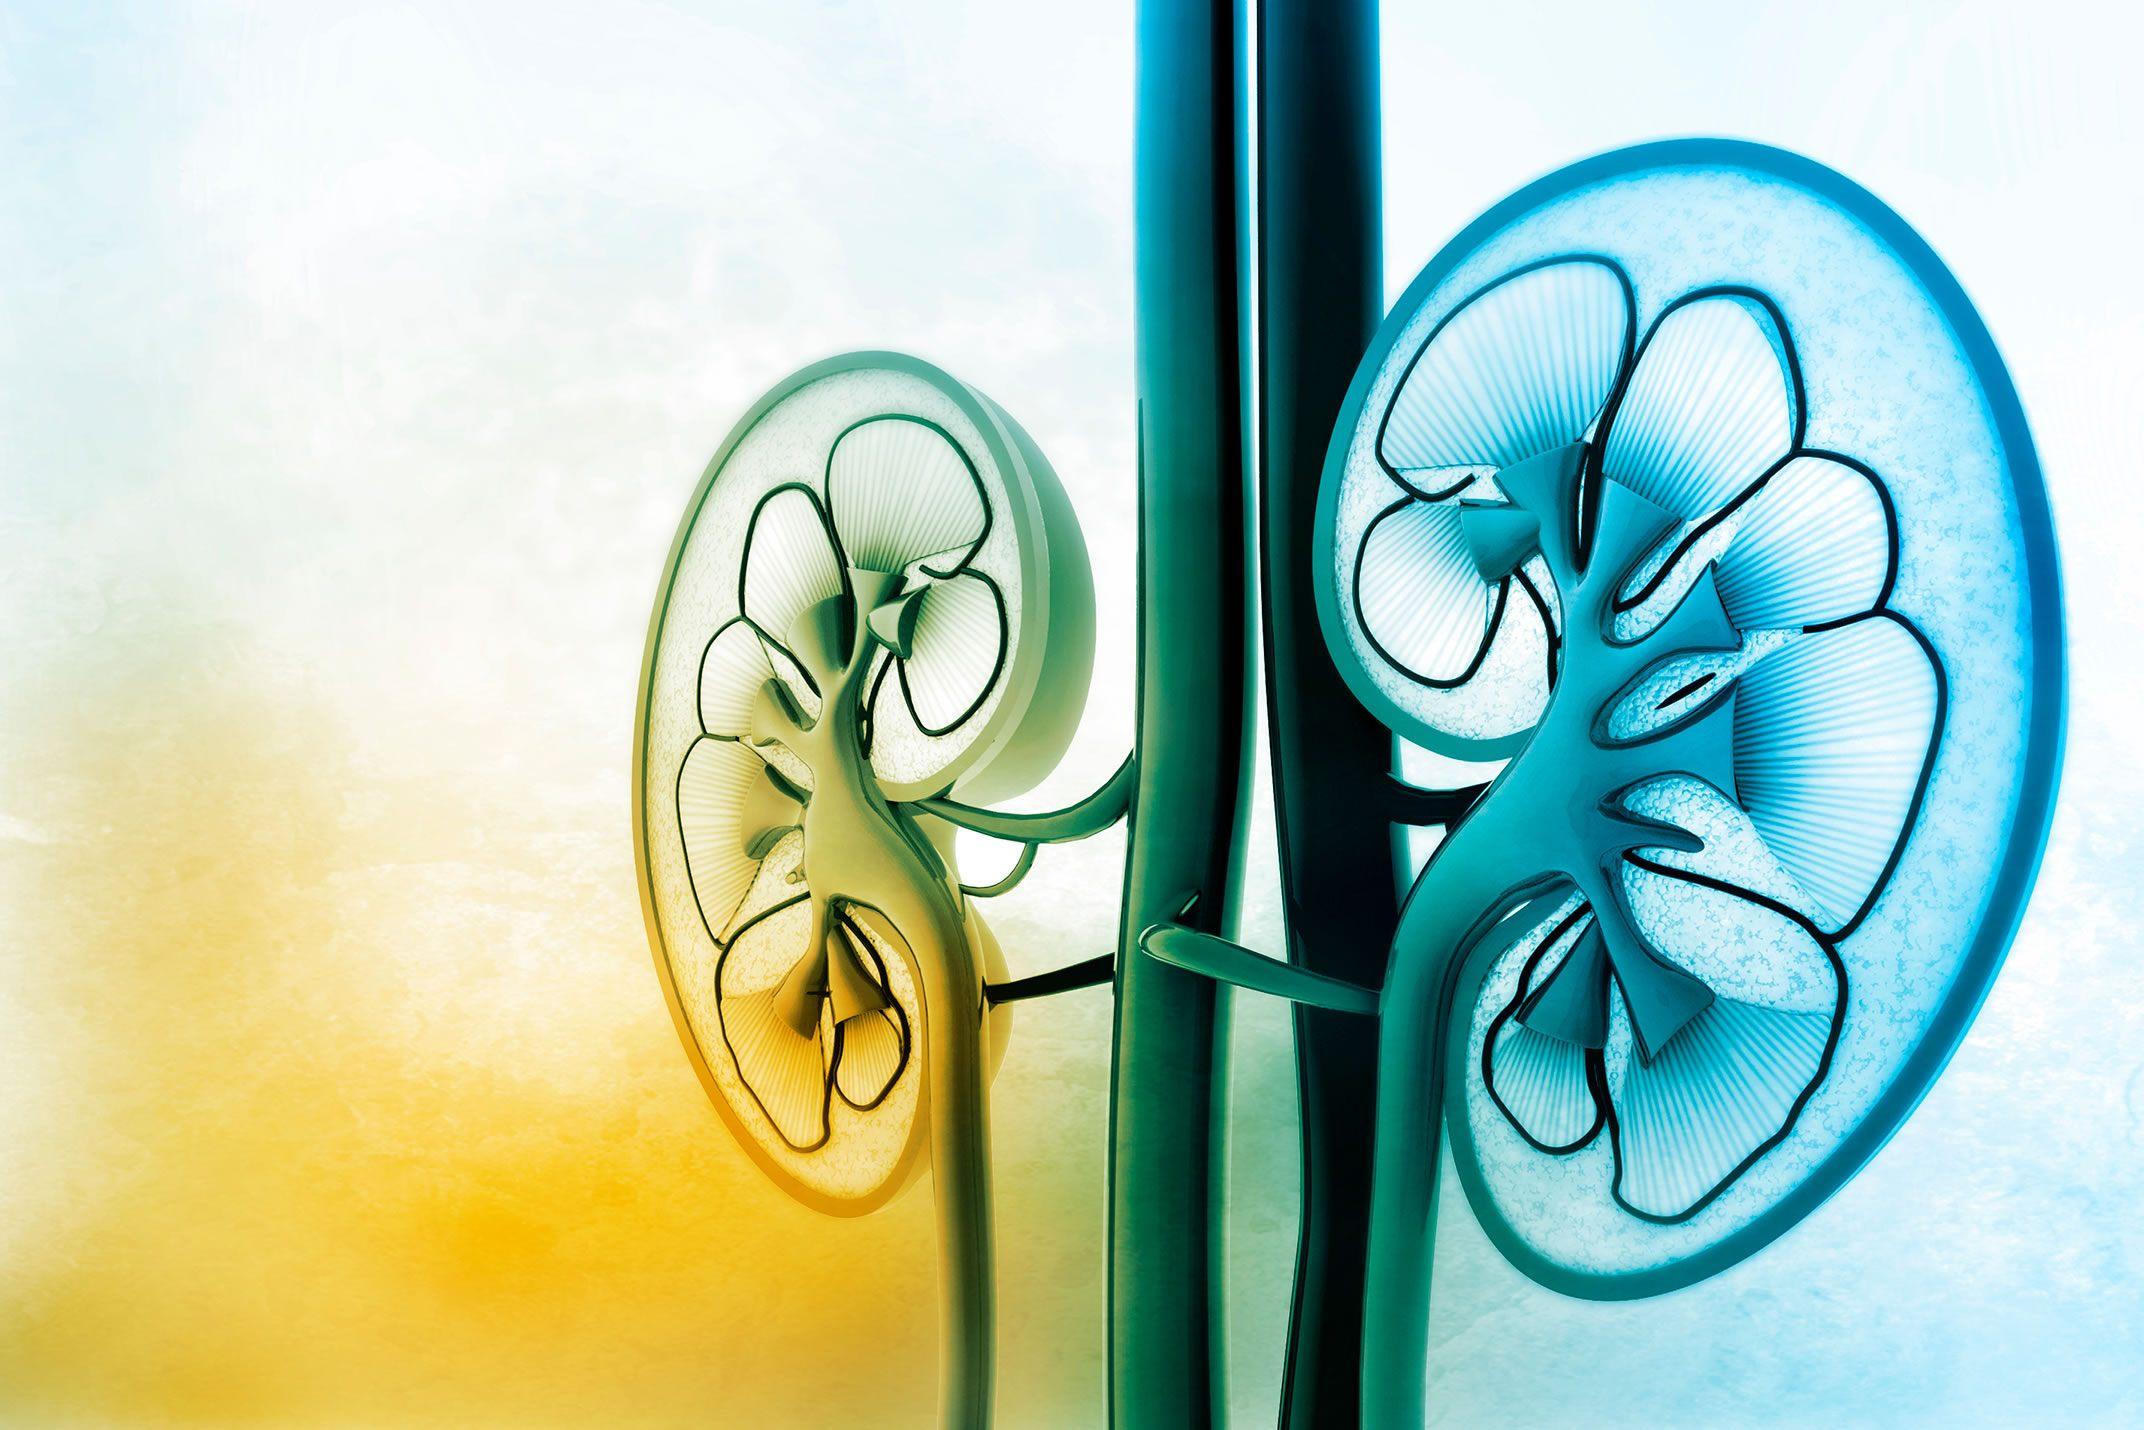 Associação entre Valsartana e Anlodipino Reduz os Valores de Albumina e Creatinina em Doentes Renais Crônicos